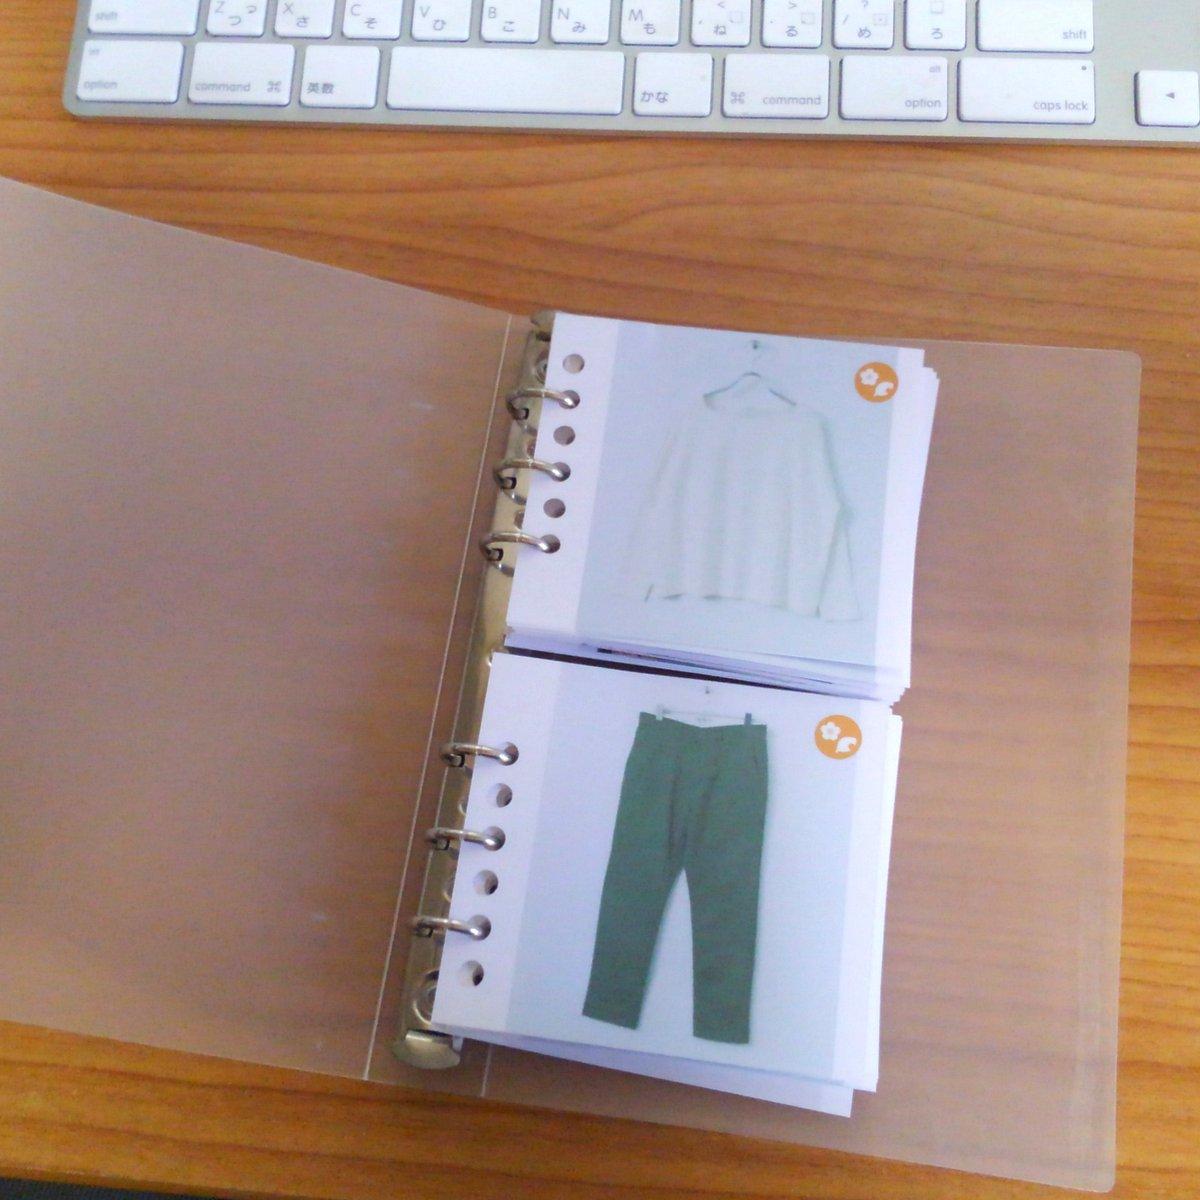 持ち服把握のために洋服カード作ってみた〜 上下で分ければコーディネートも考えられていい感じだ